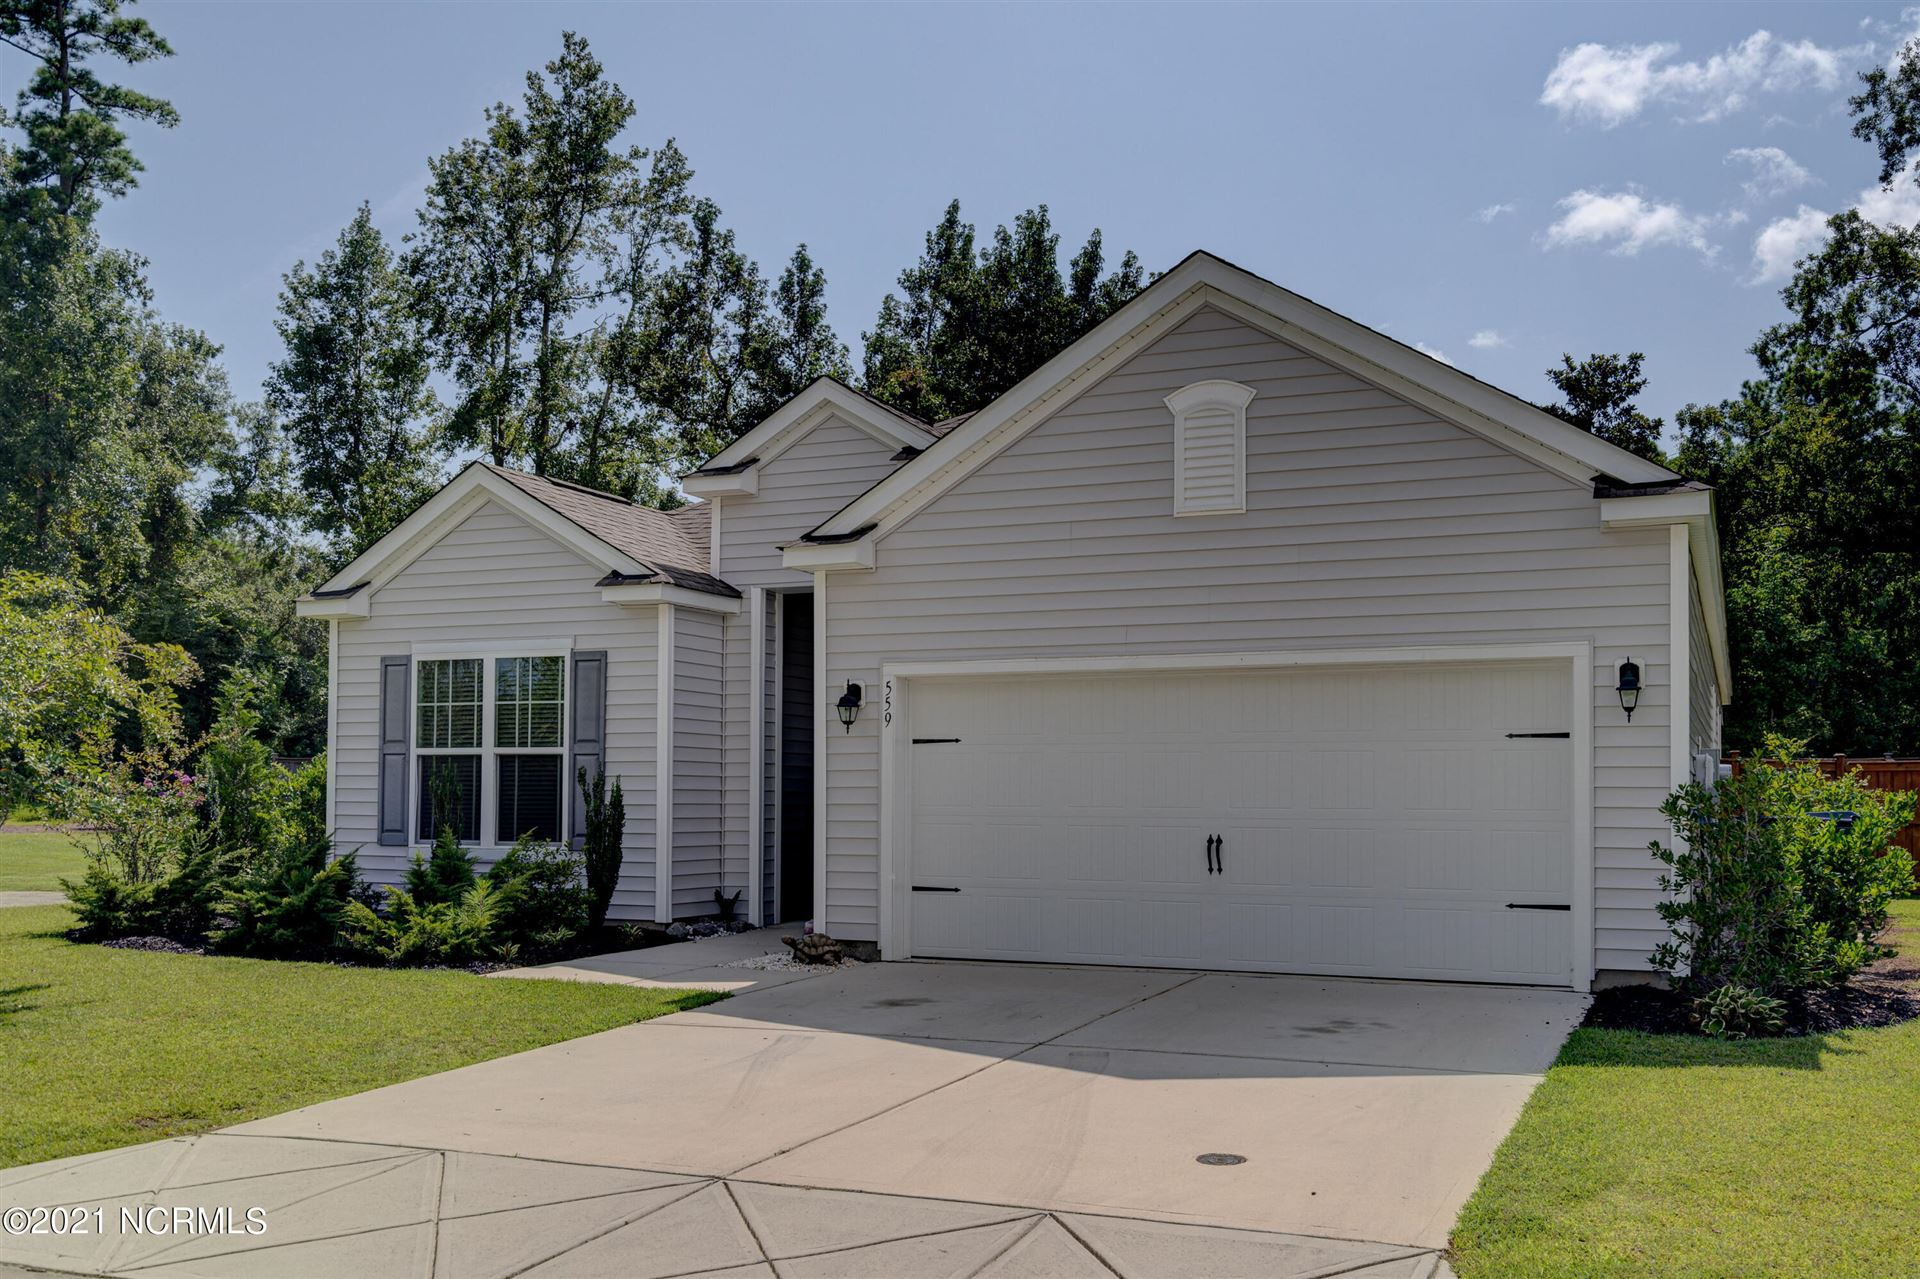 Photo of 559 Esthwaite Drive SE, Leland, NC 28451 (MLS # 100288800)